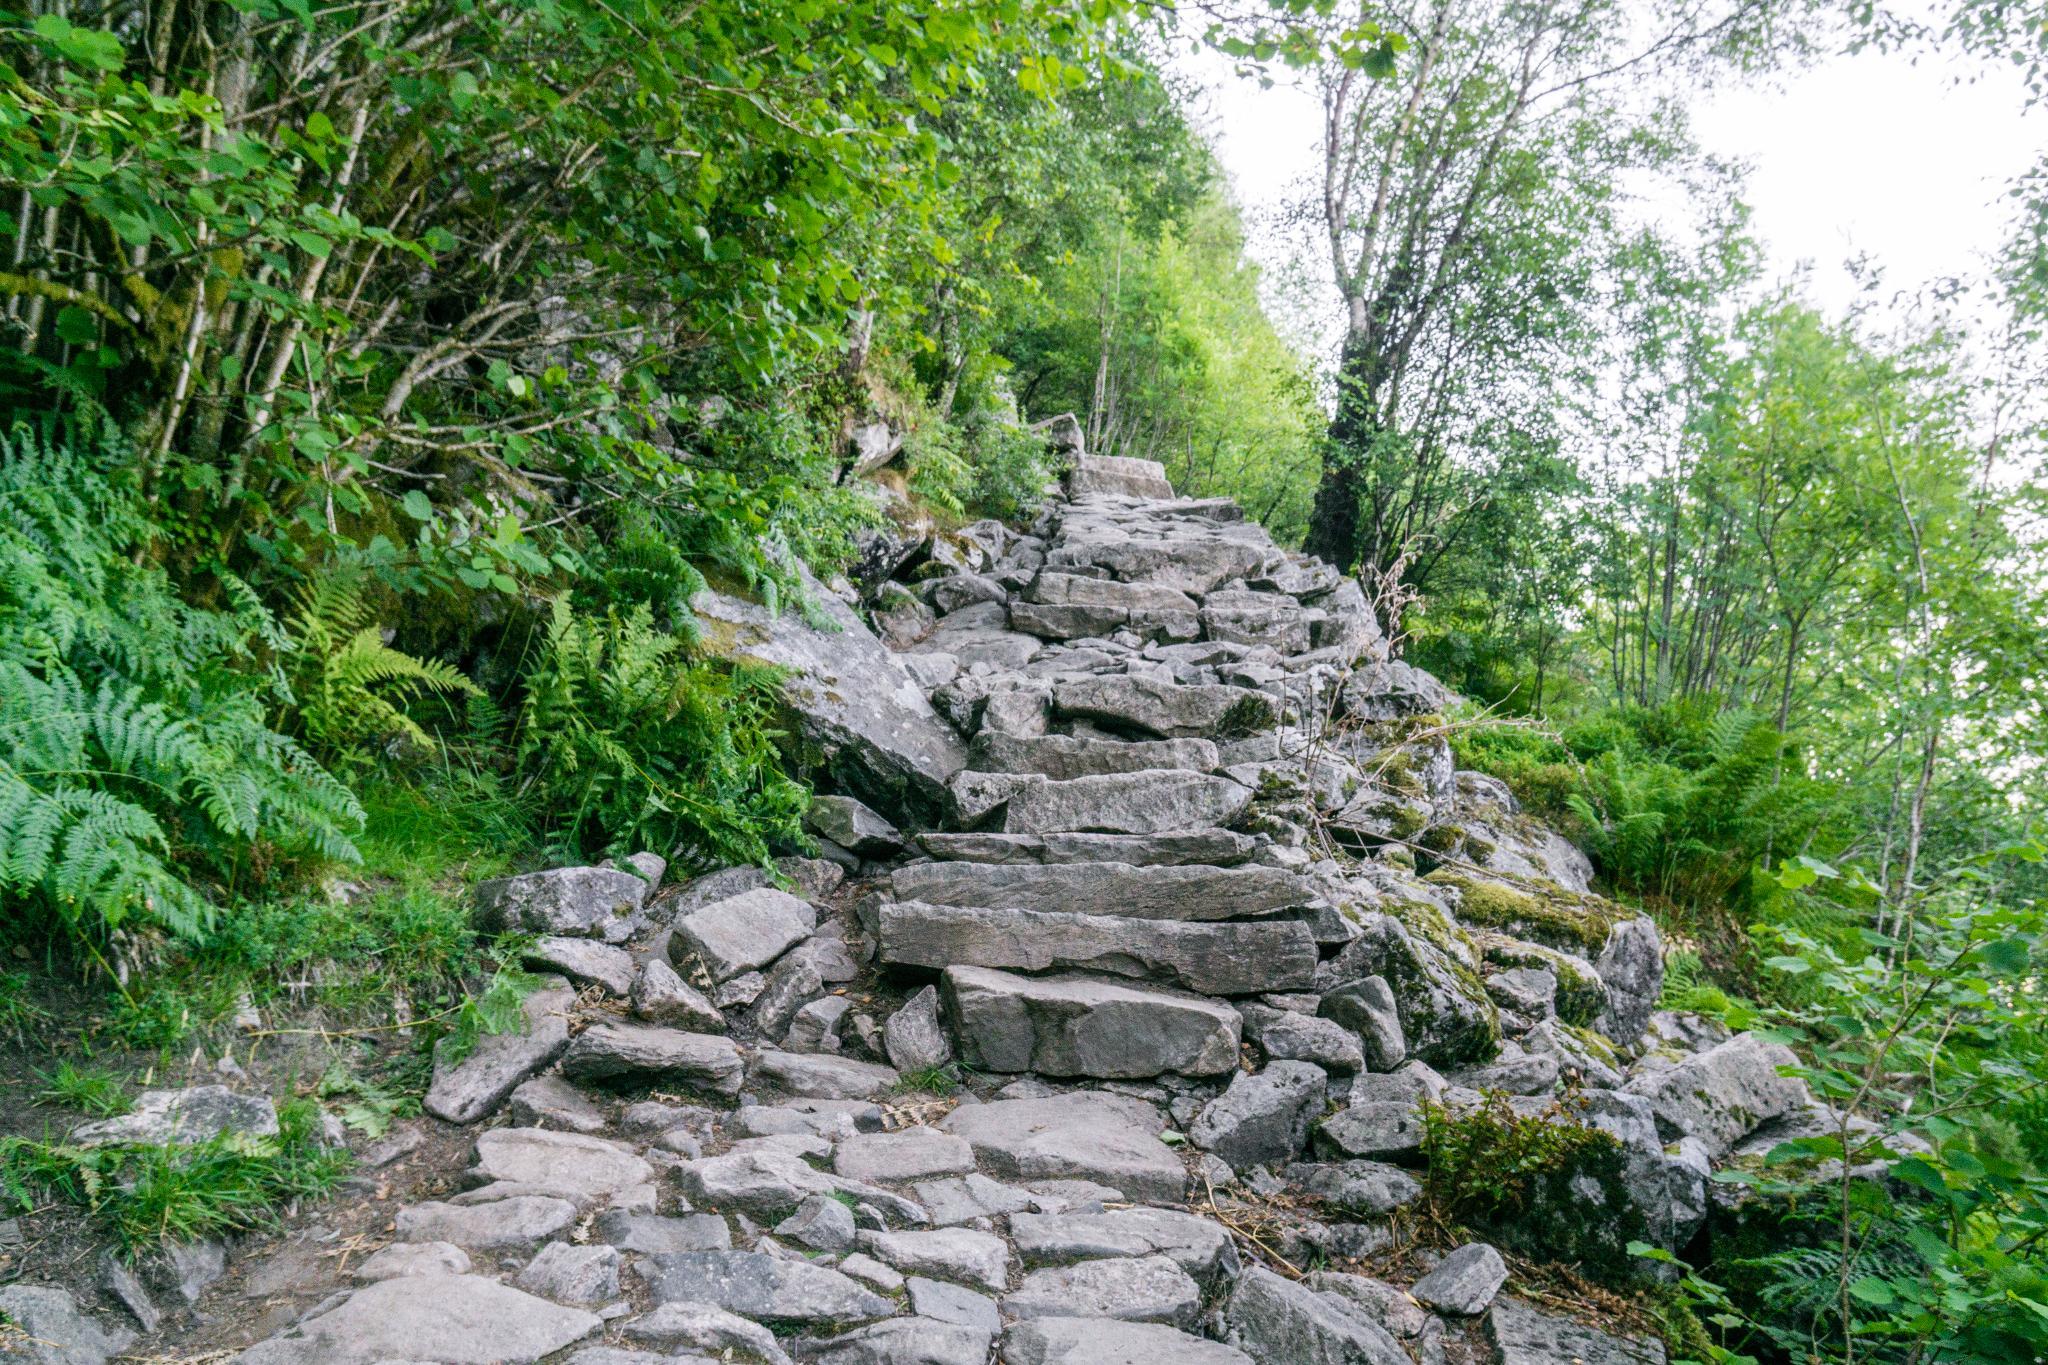 【卑爾根】超級震撼的隱藏版挪威景點 — Stoltzekleiven桑德維克斯石梯與Fløyen佛洛伊恩觀景台大縱走 7